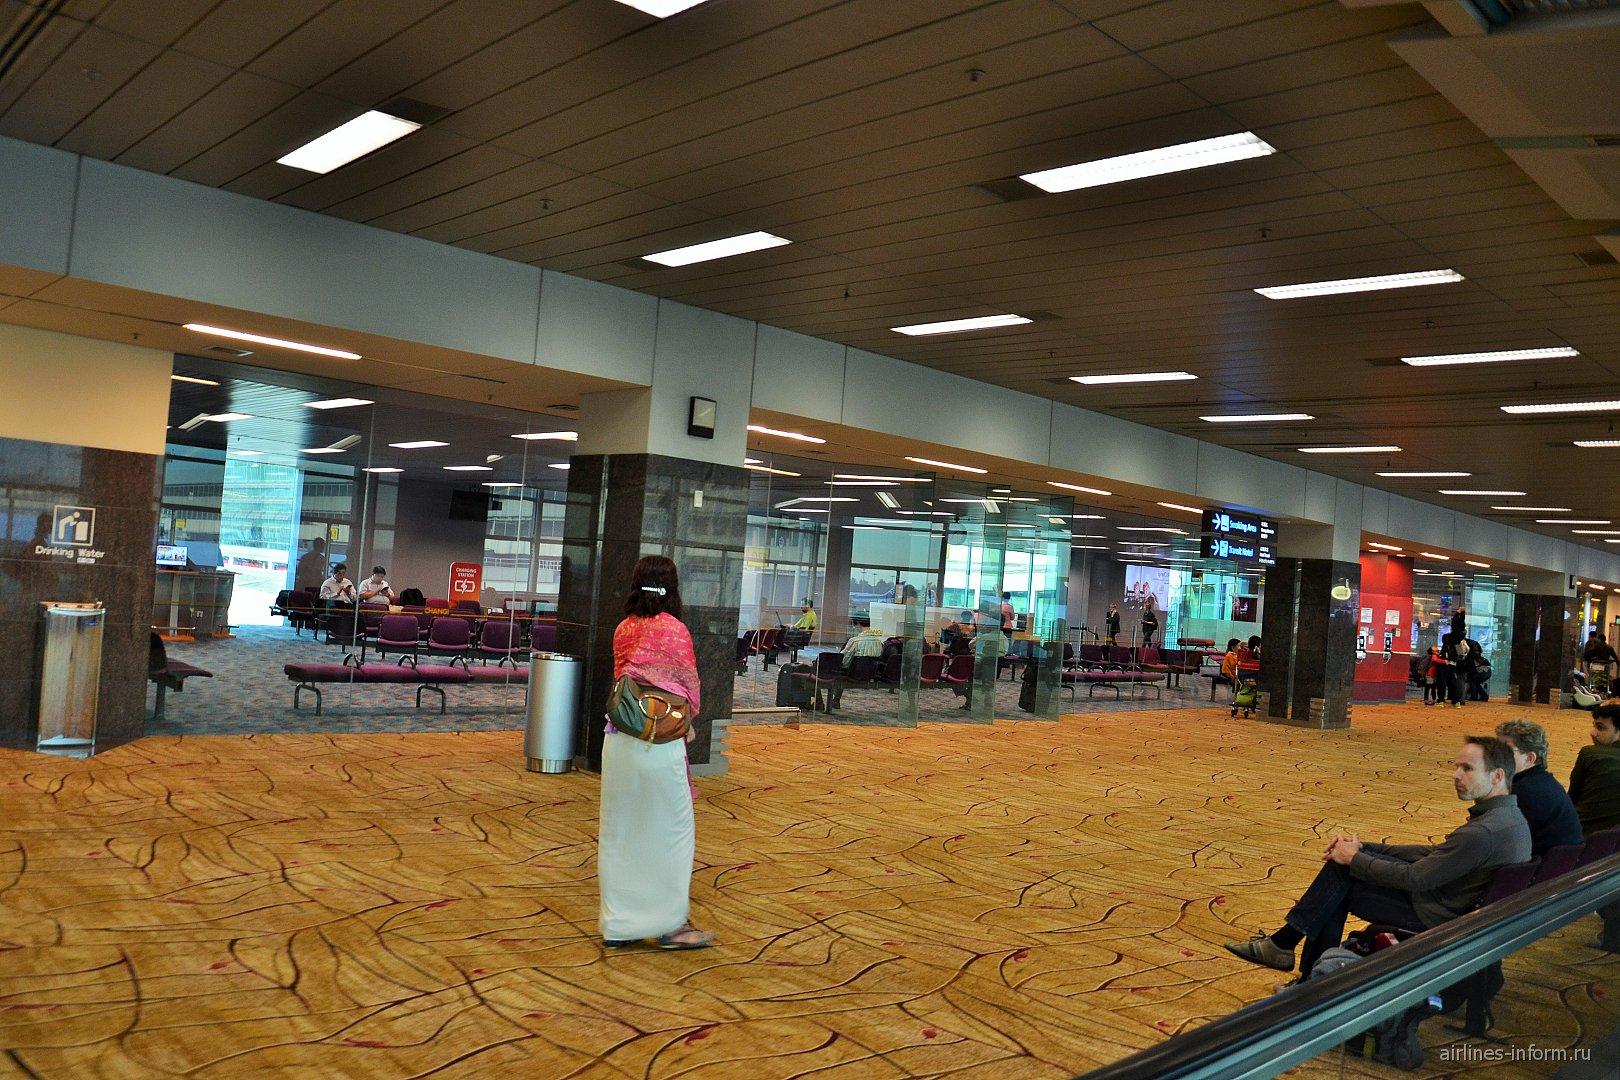 Накопители перед выходом на посадку в терминале 2 аэропорта Чанги в Сингапуре